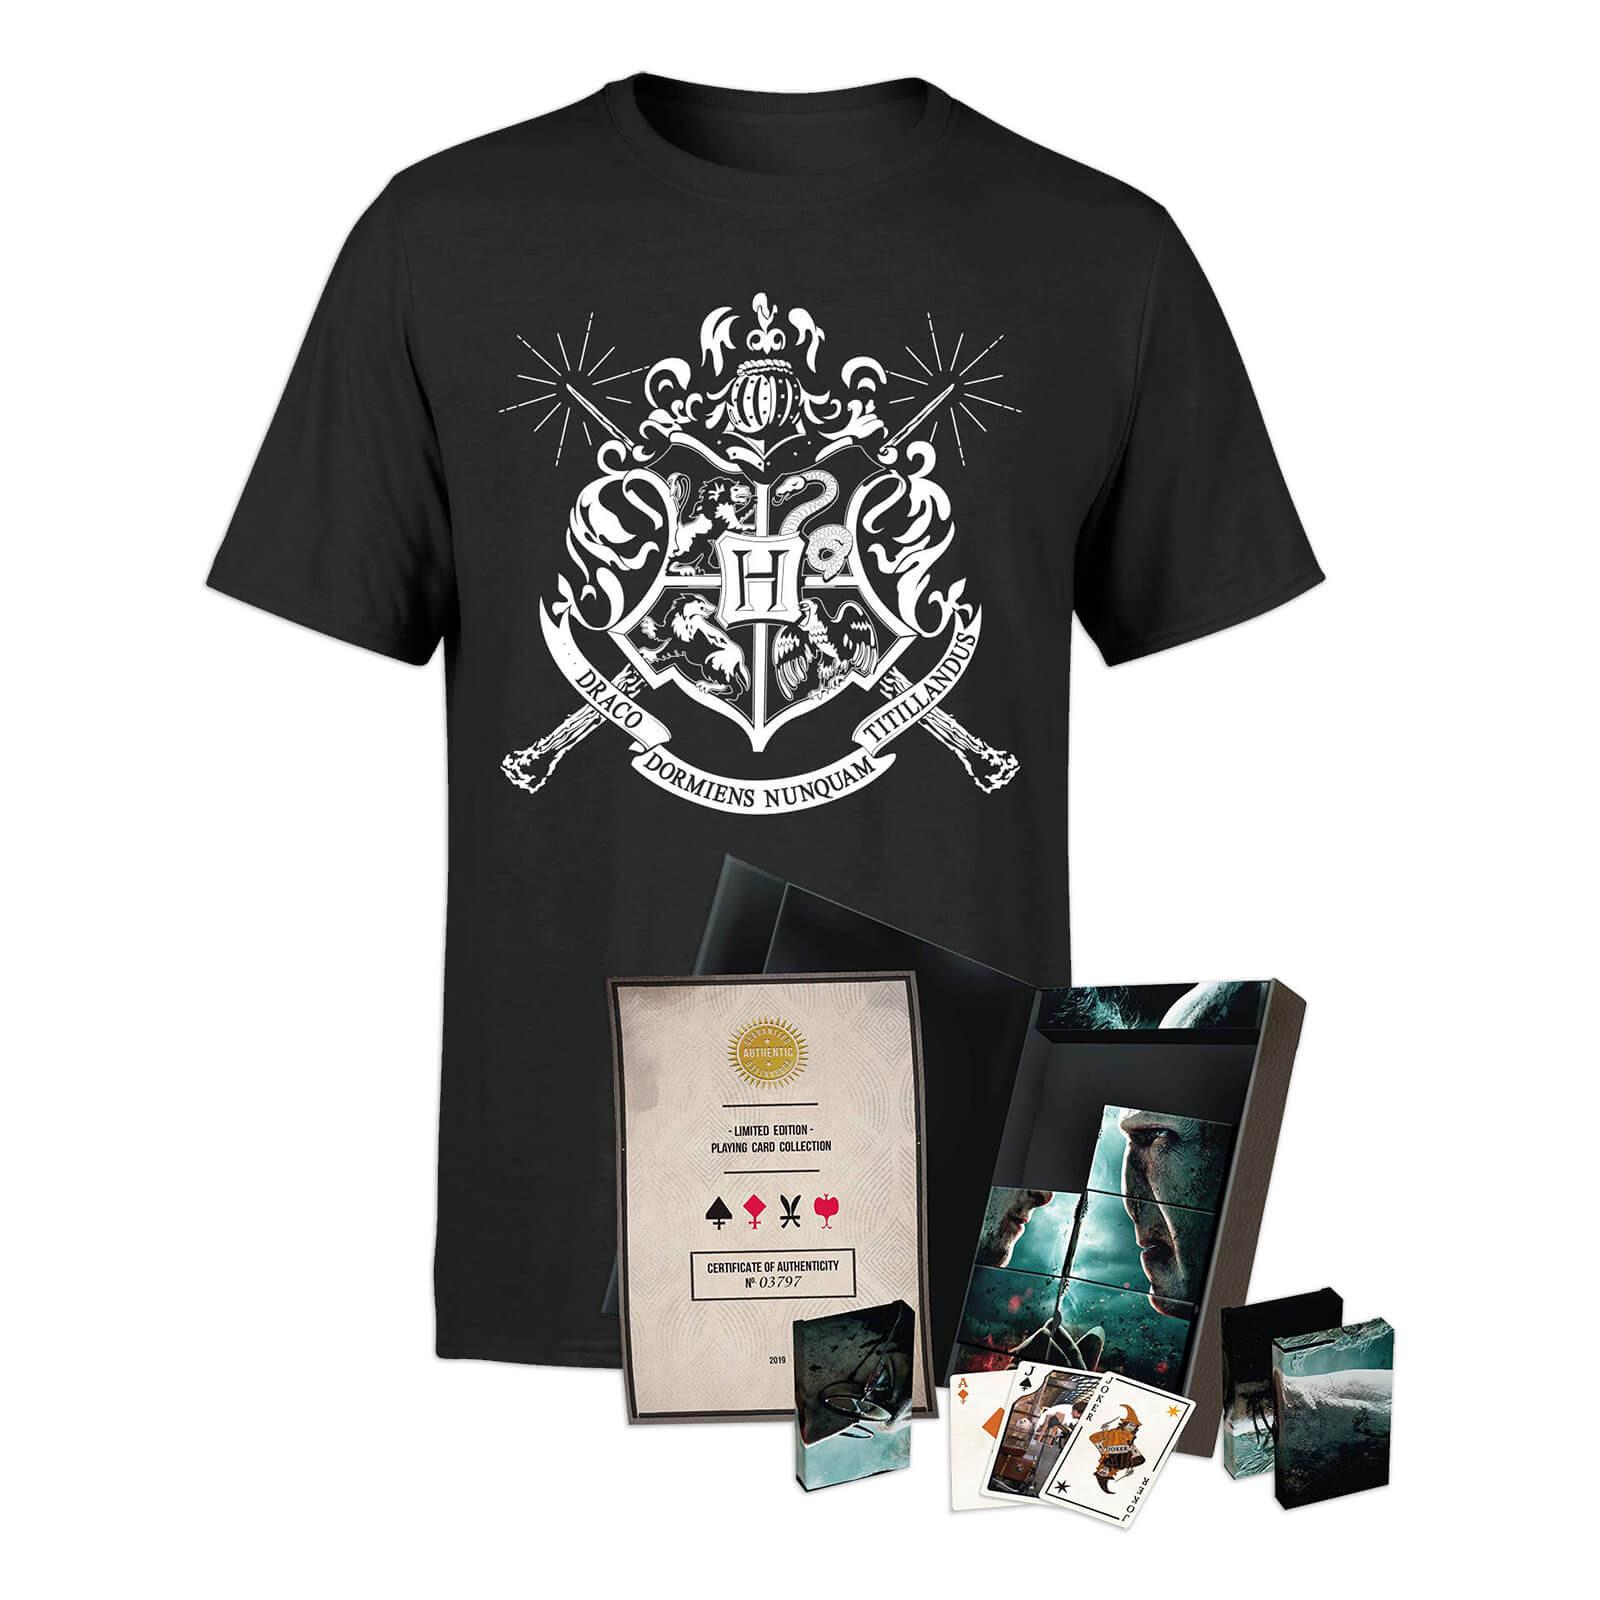 Harry Potter 8x Spielkarten Ltd. Edition Set + Damen oder Herren T-Shirt für 24,48€, 8x Poker-Karten für 18,48€ Versand ab dem 30 April 2020